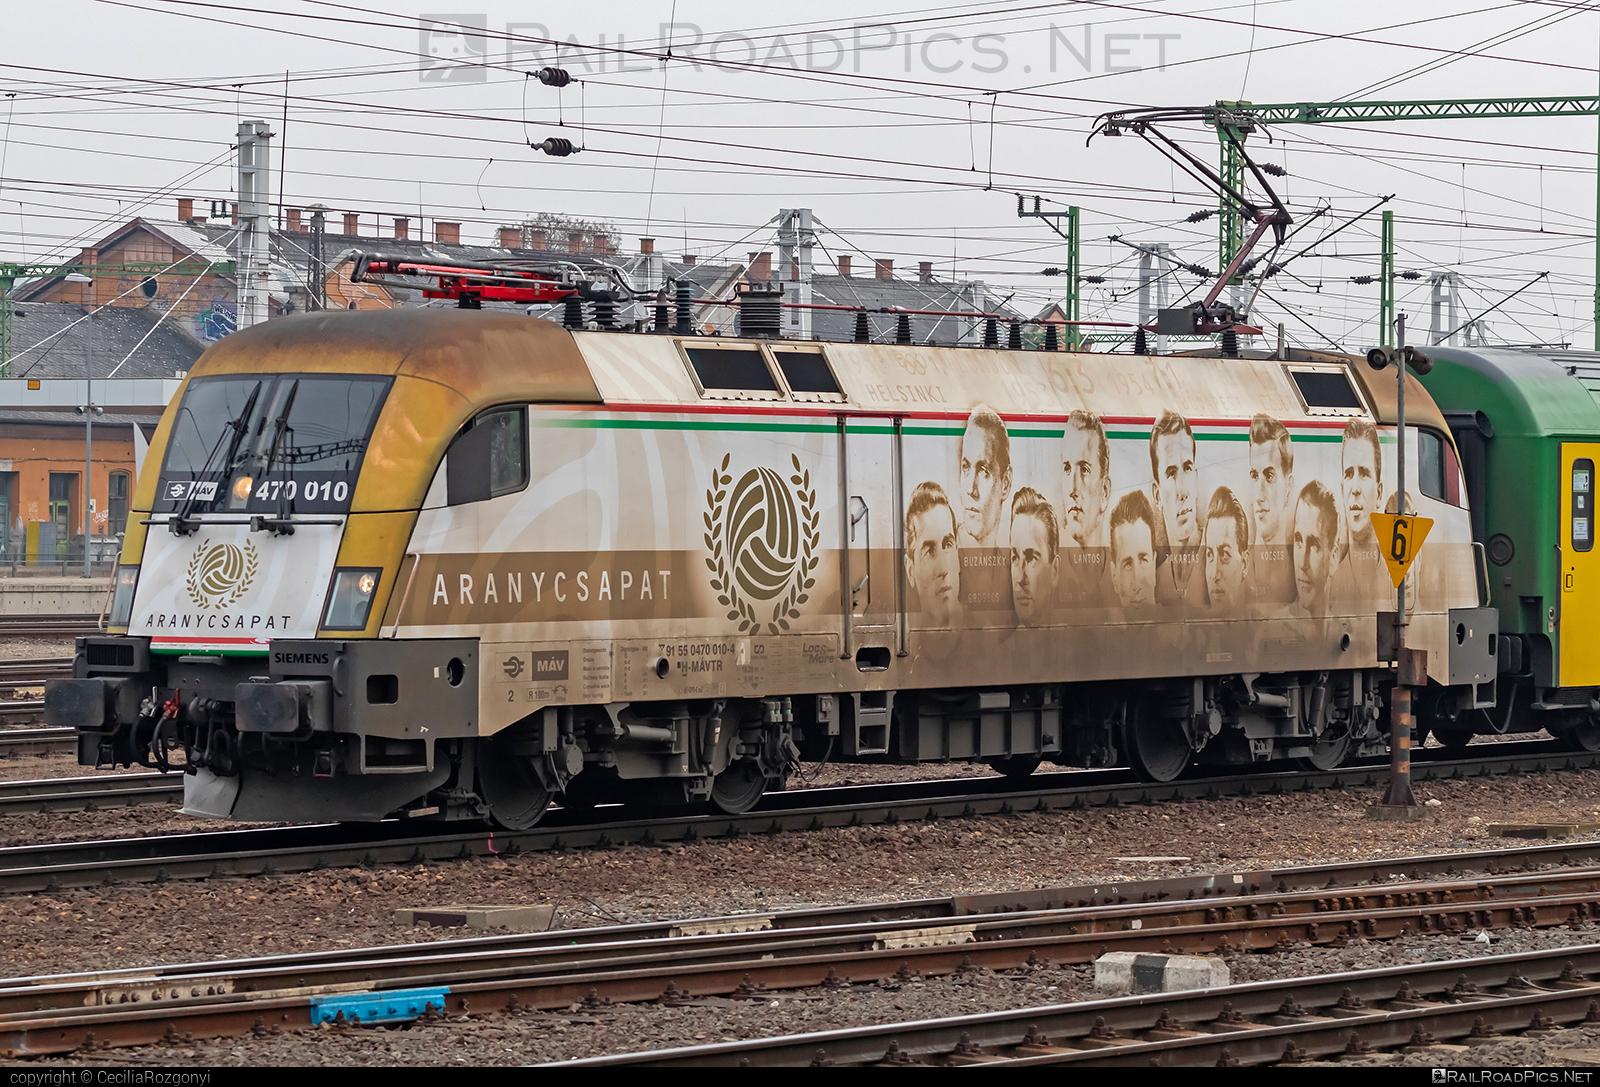 Siemens ES 64 U2 - 470 010 operated by Magyar Államvasutak ZRt. #es64 #es64u #es64u2 #eurosprinter #magyarallamvasutak #magyarallamvasutakzrt #mav #siemens #siemenses64 #siemenses64u #siemenses64u2 #siemenstaurus #taurus #tauruslocomotive